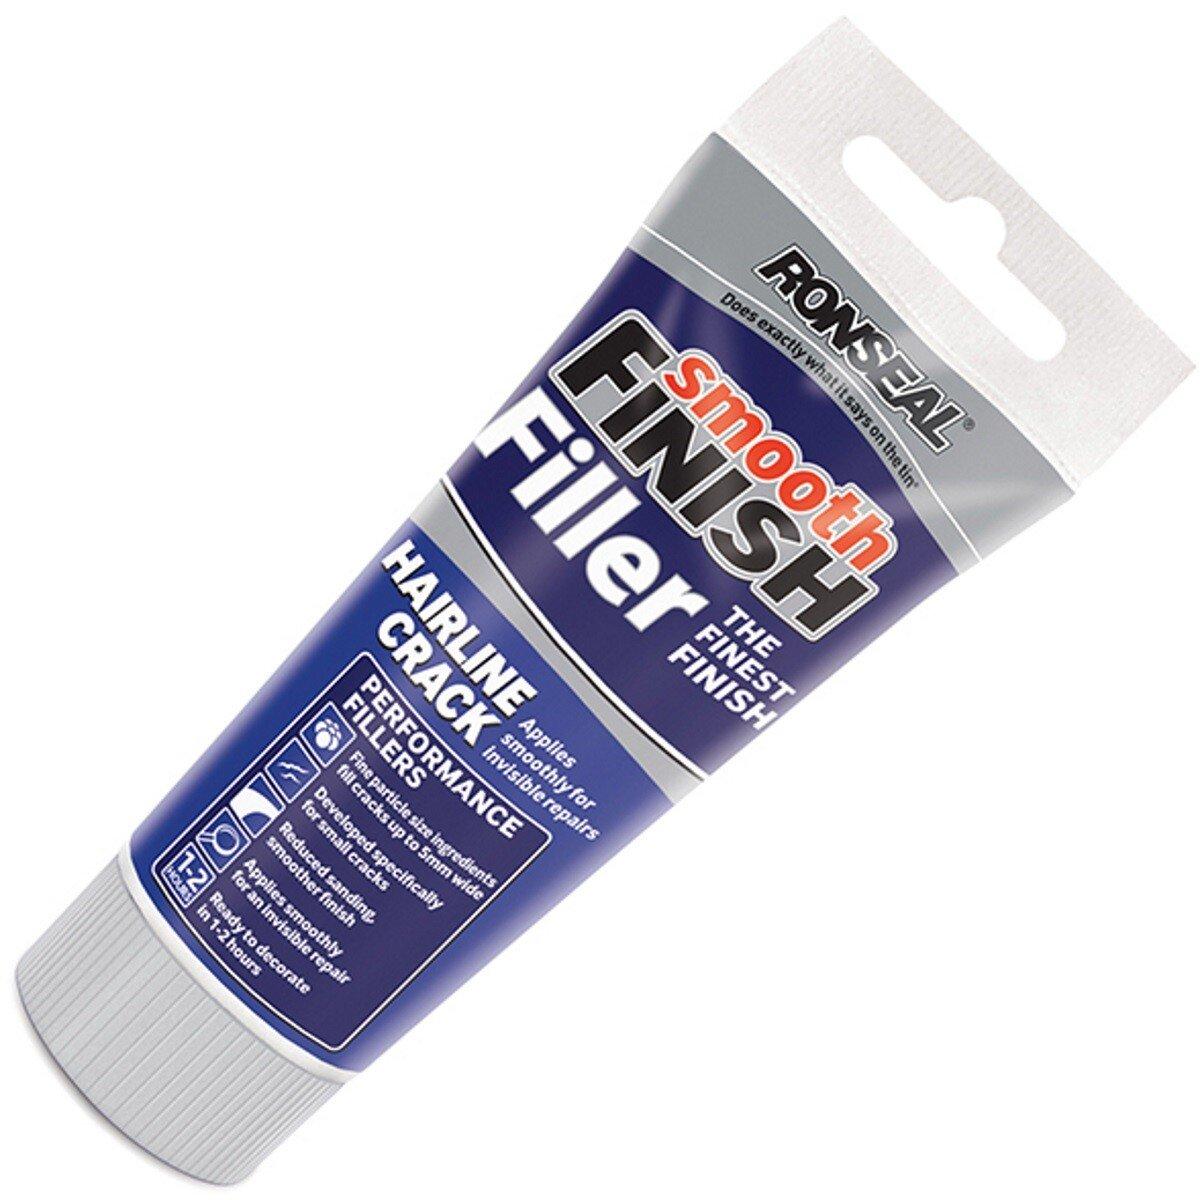 Ronseal 36555 Smooth Finish Hairline Crack Filler 330g RSLHLCF330G